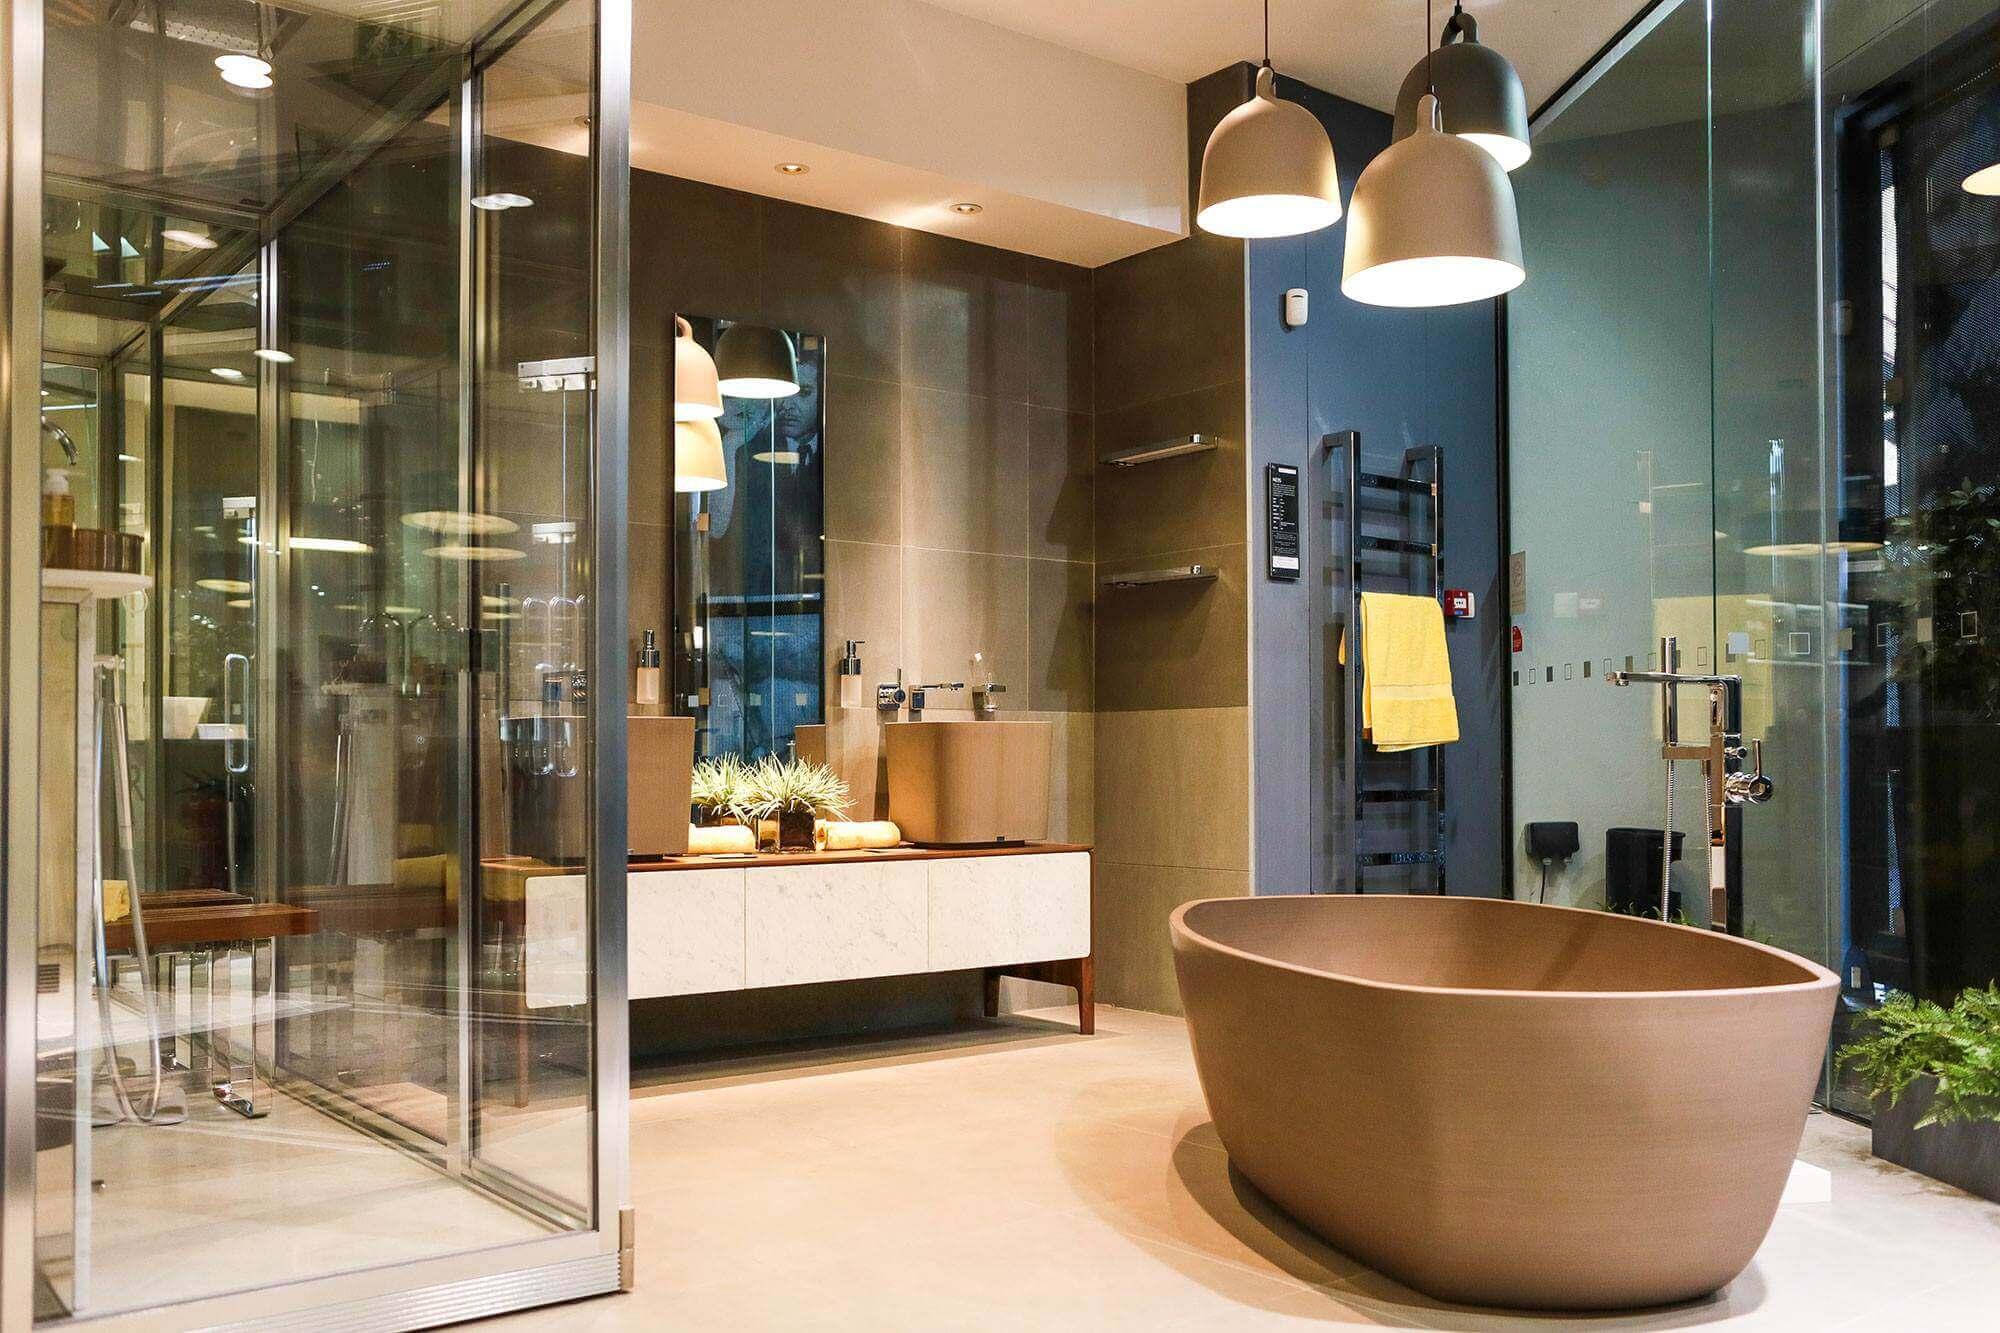 wohnzimmer m bel trends m bel trends 2017 wohnzimmer. Black Bedroom Furniture Sets. Home Design Ideas